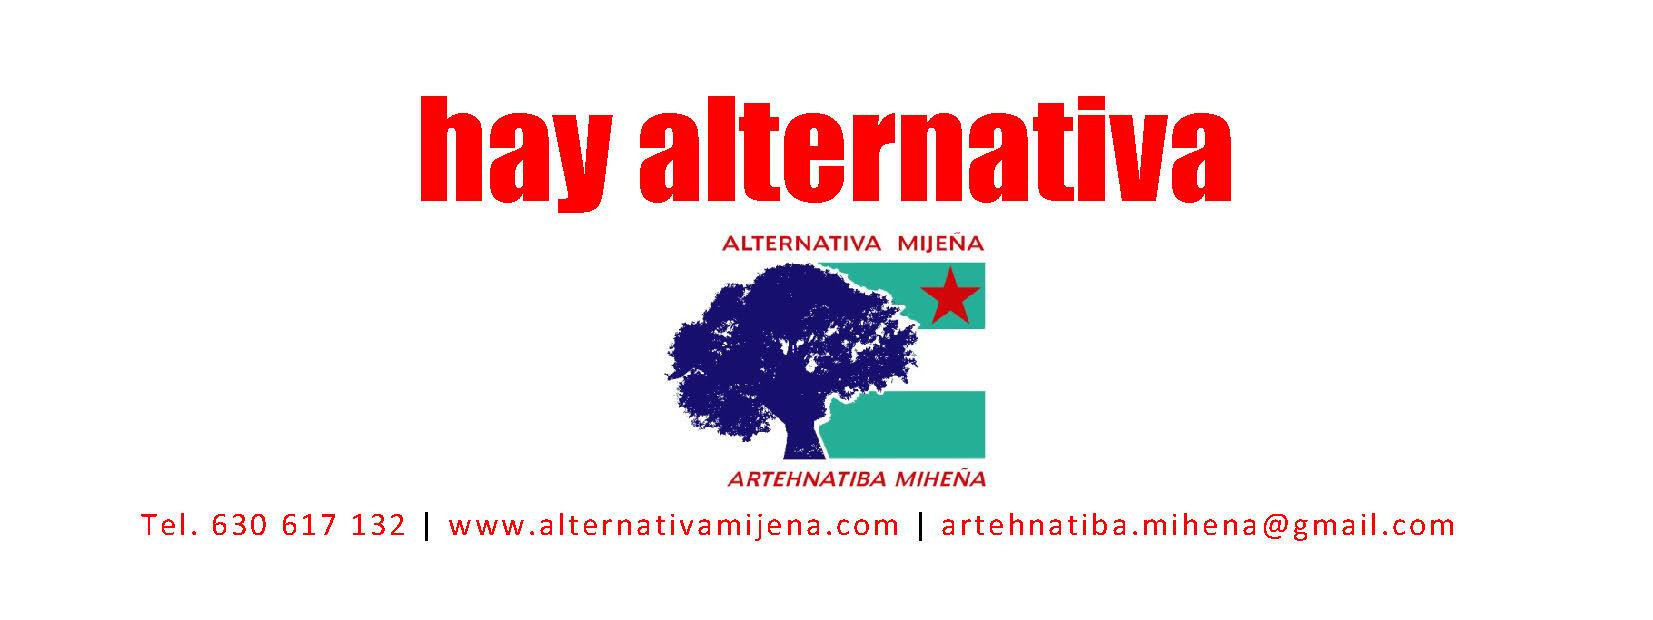 hay alternativa